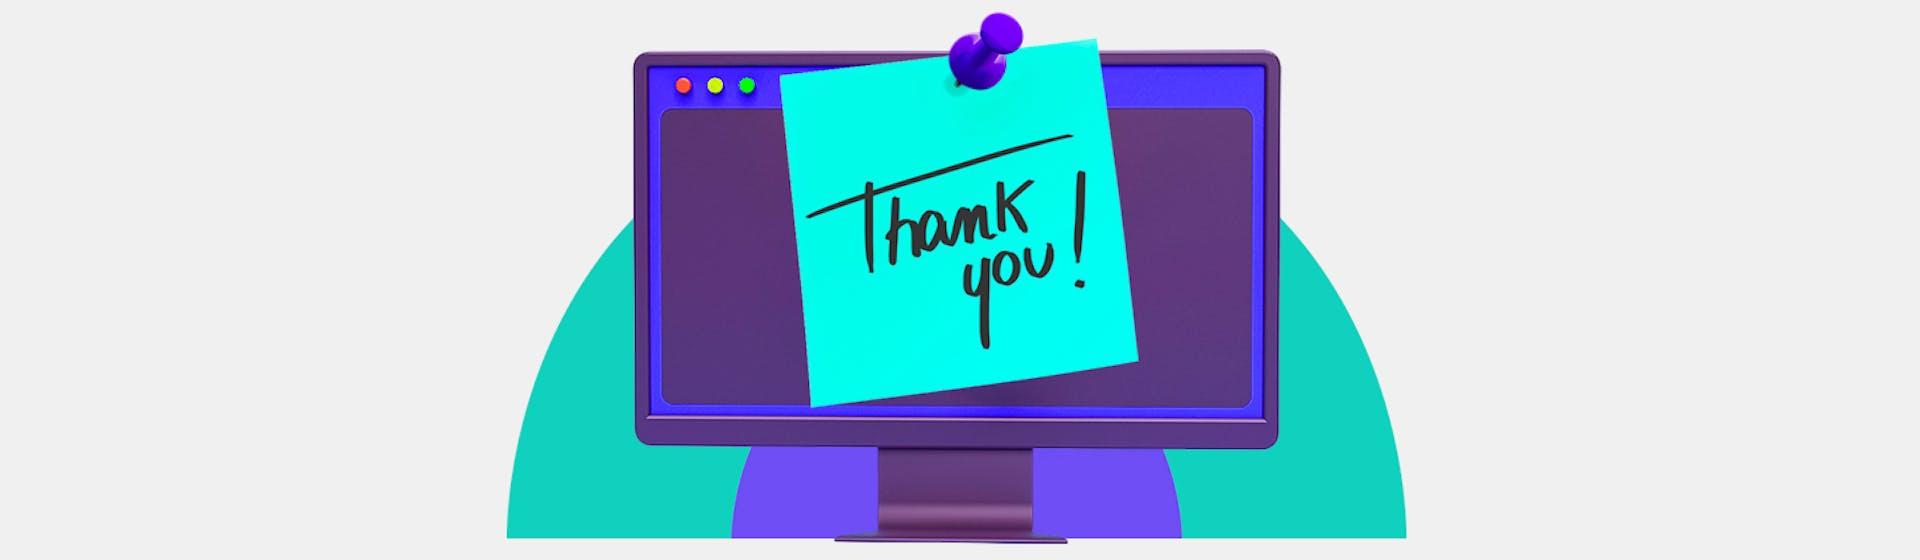 ¡Crea la thank you page perfecta y haz felices a tus clientes!